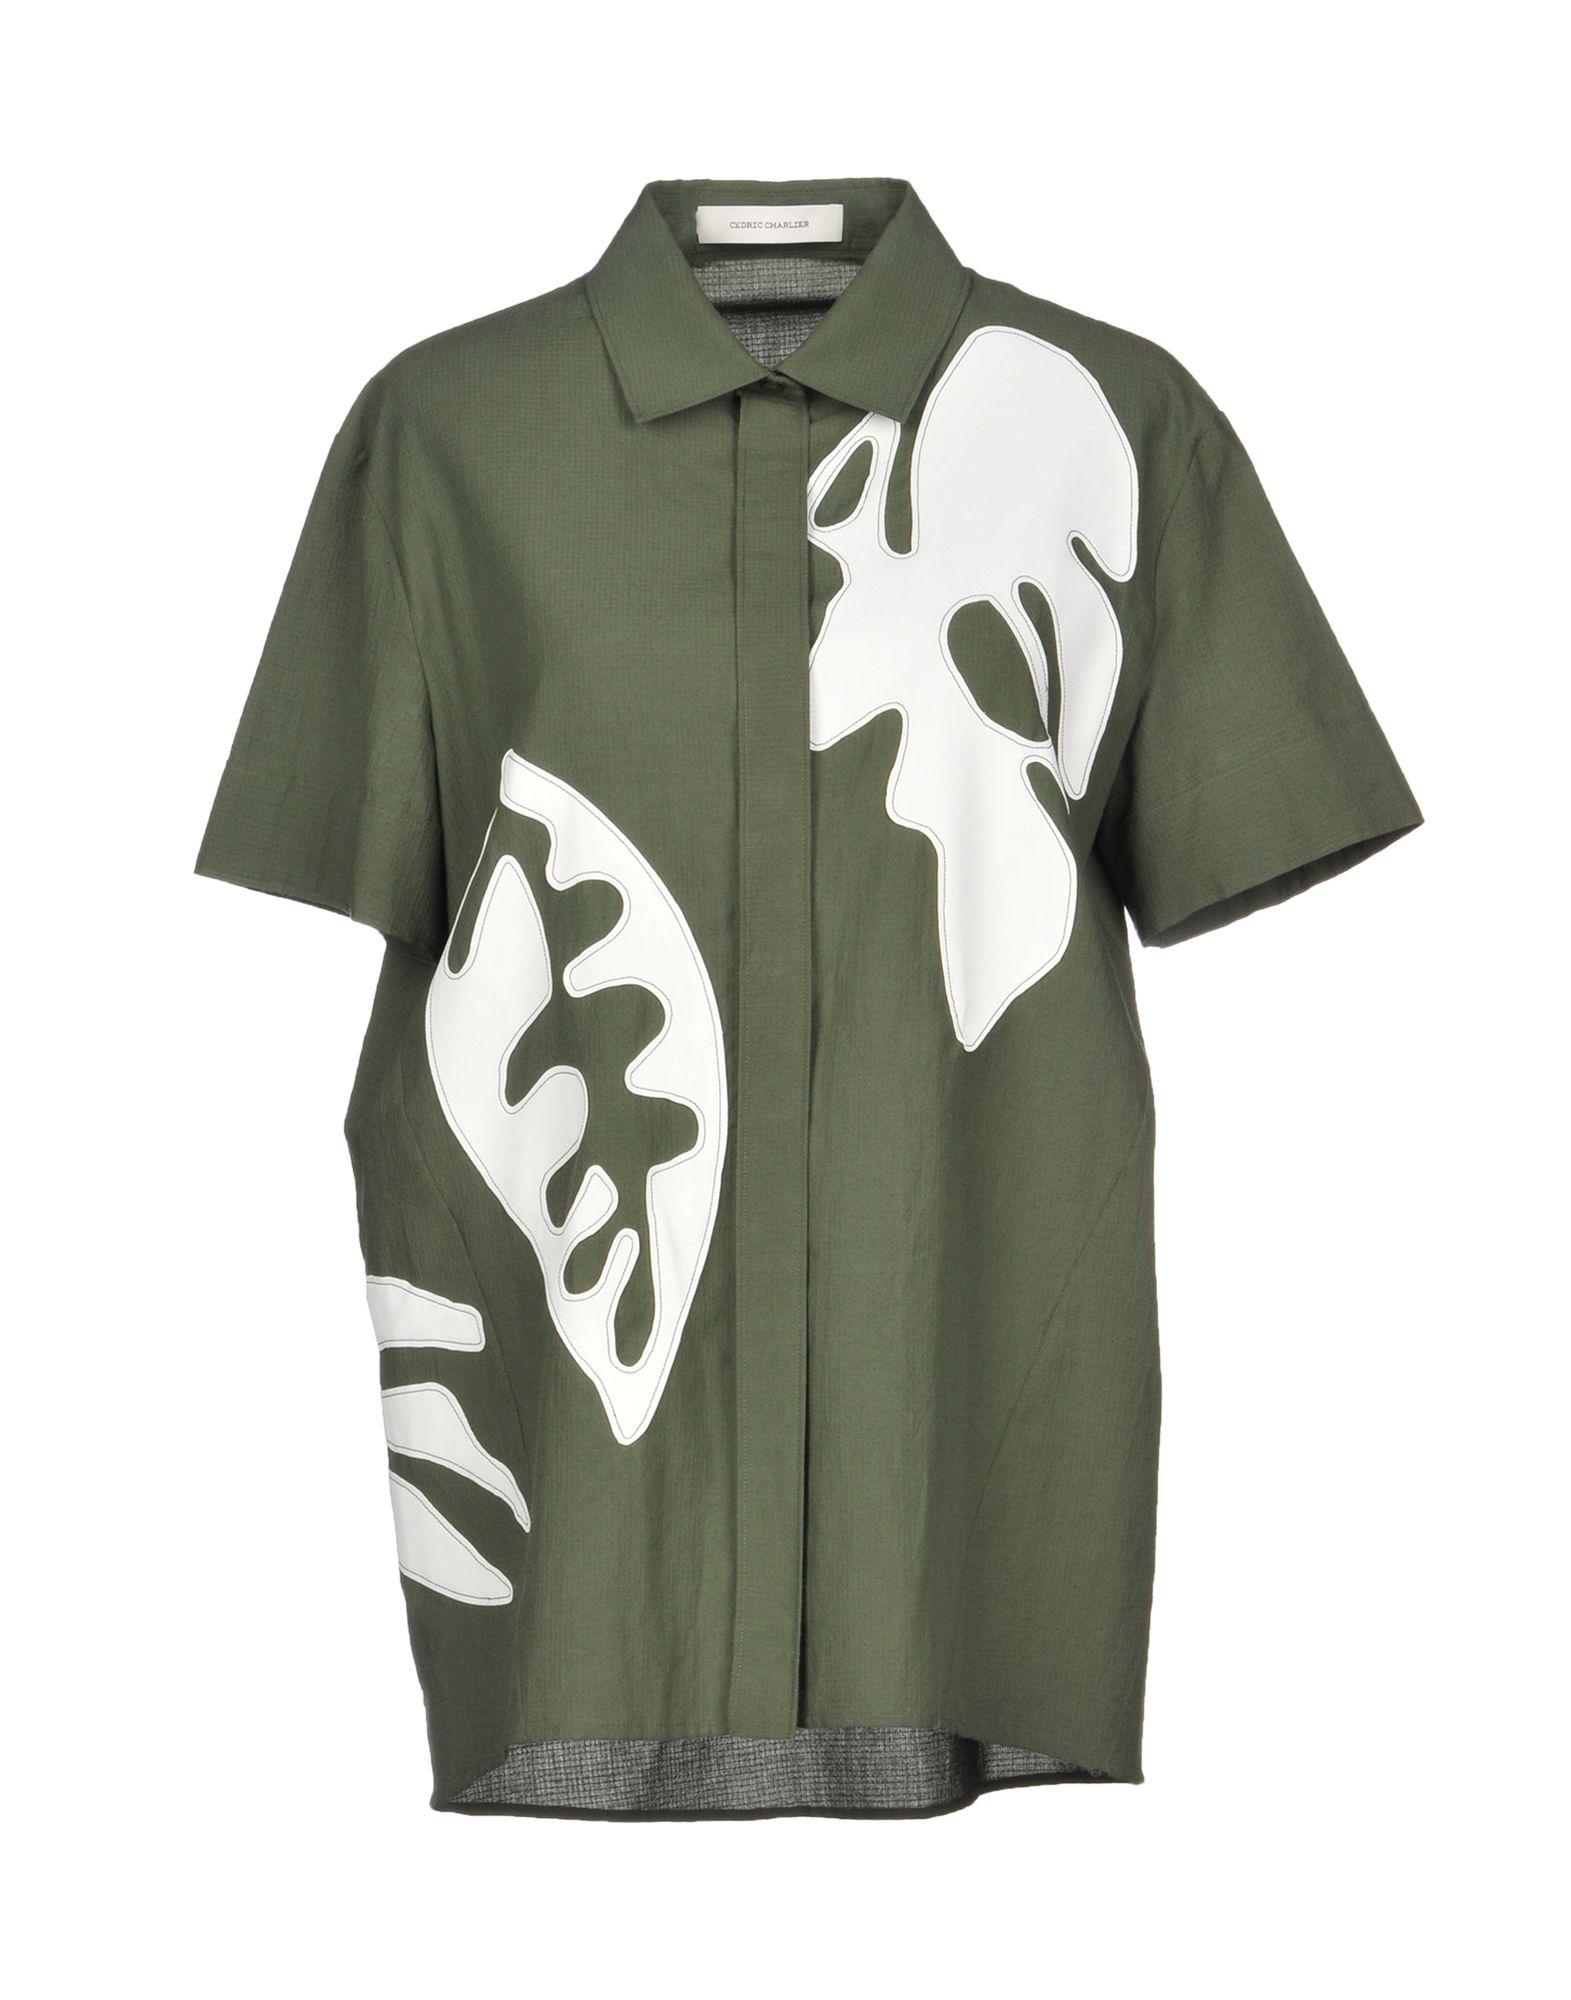 Camicie E bluse Tinta Unita Cedric Cedric Cedric Charlier donna - 34879696XM 3be